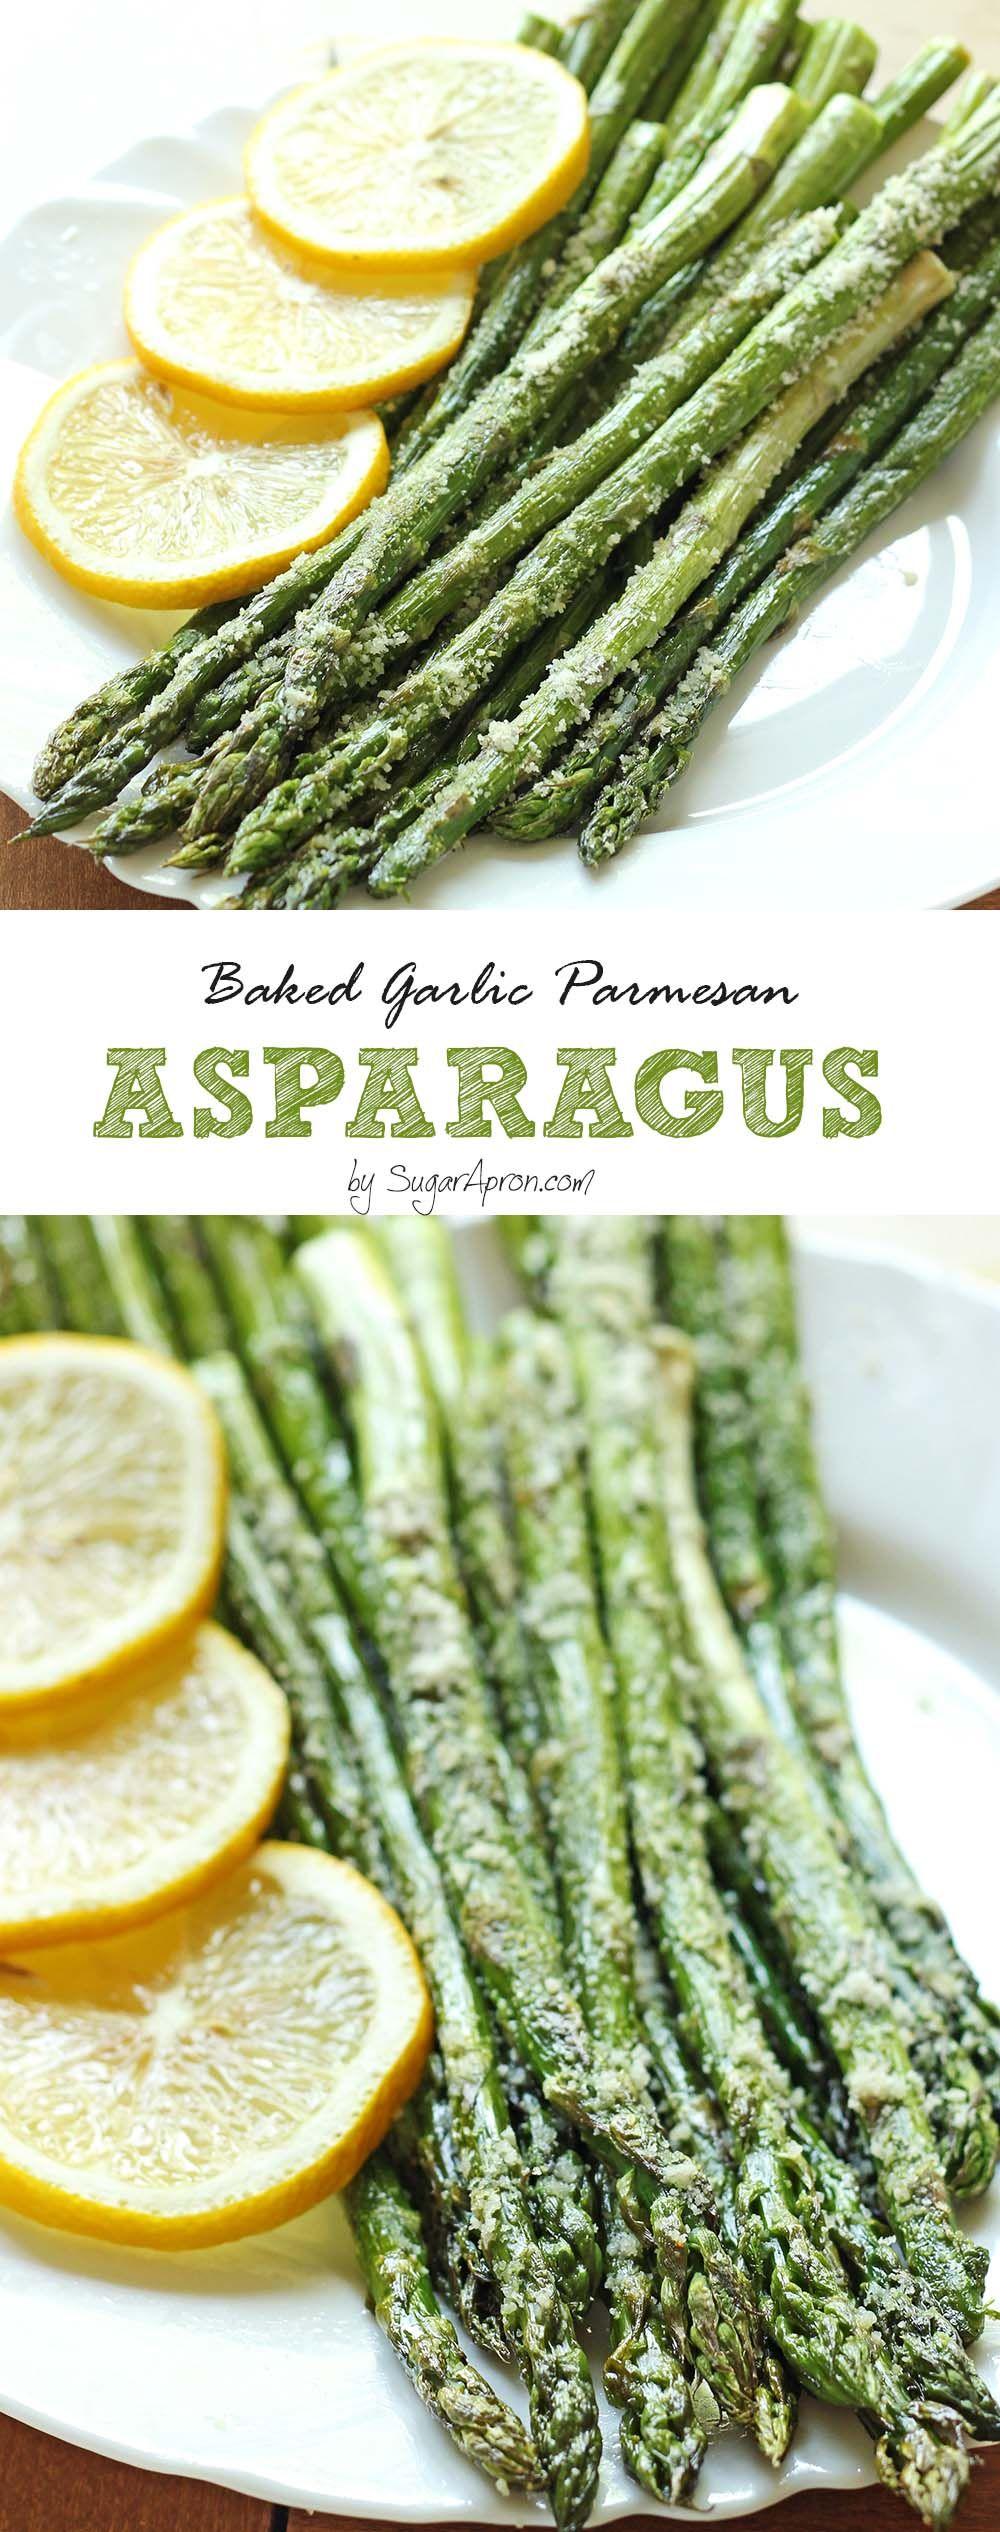 Photo of Baked Garlic Parmesan Asparagus – Sugar Apron